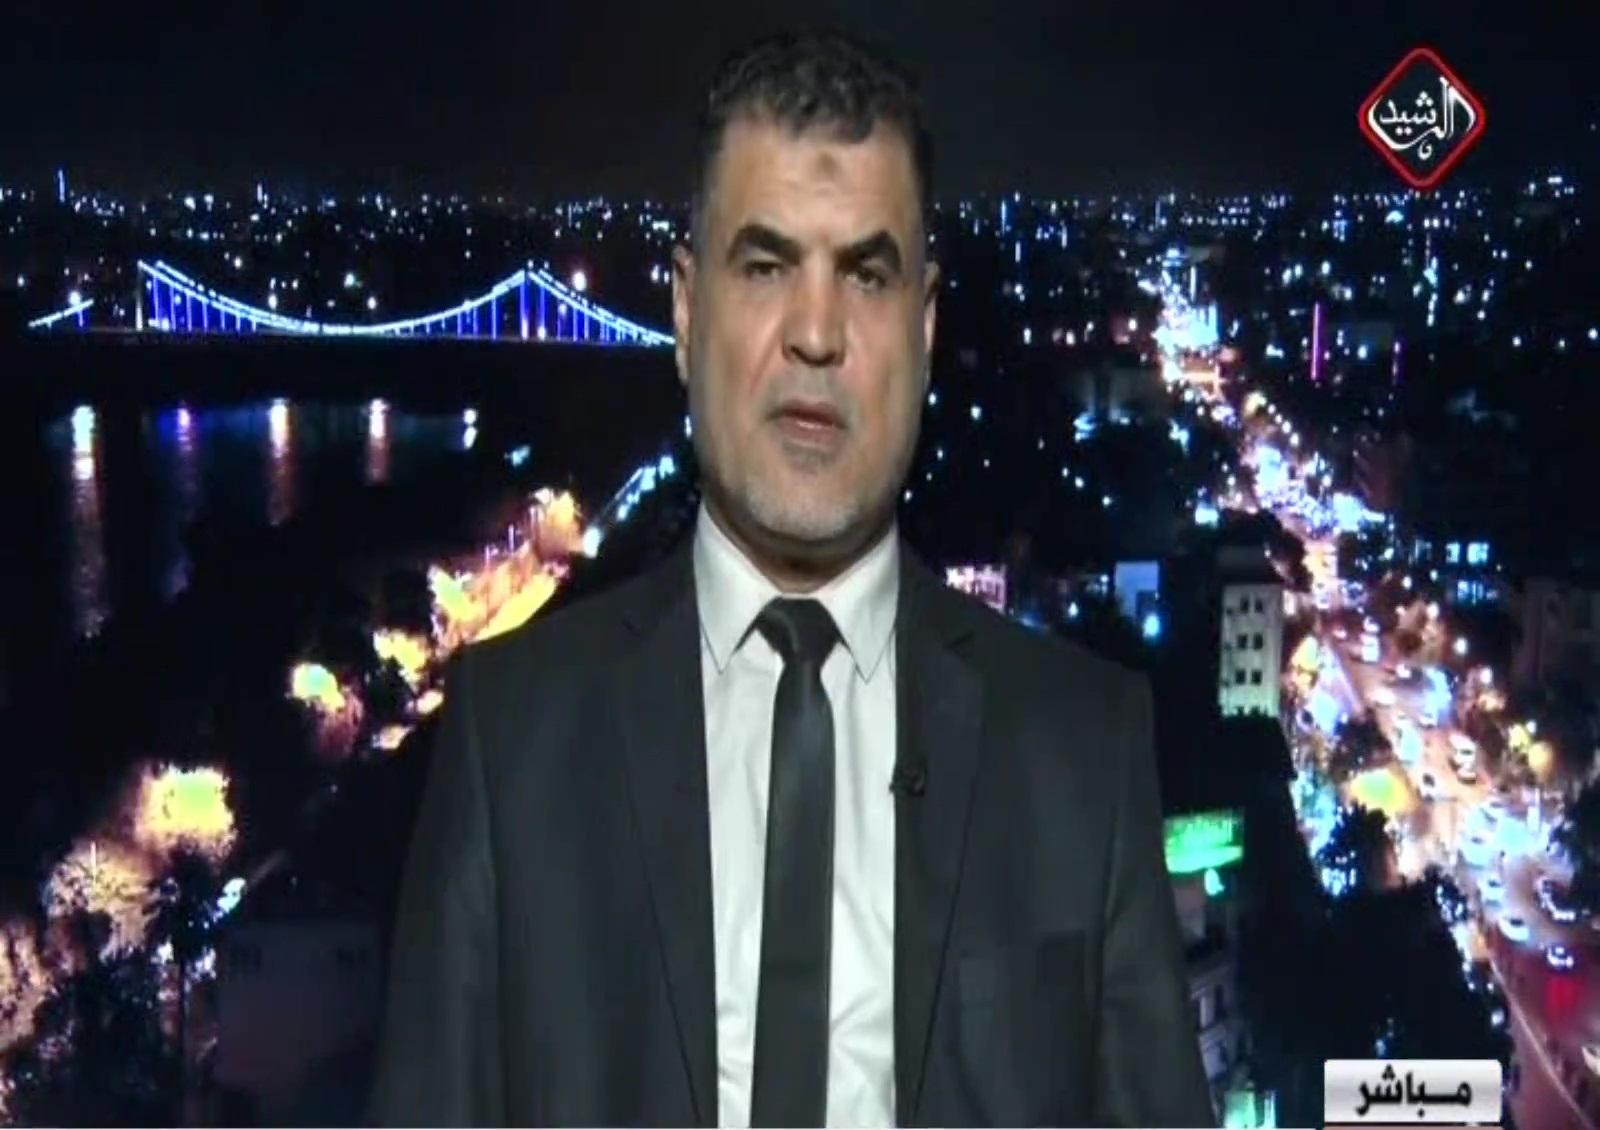 علي جبار / نائب عن ائتلاف دولة القانون